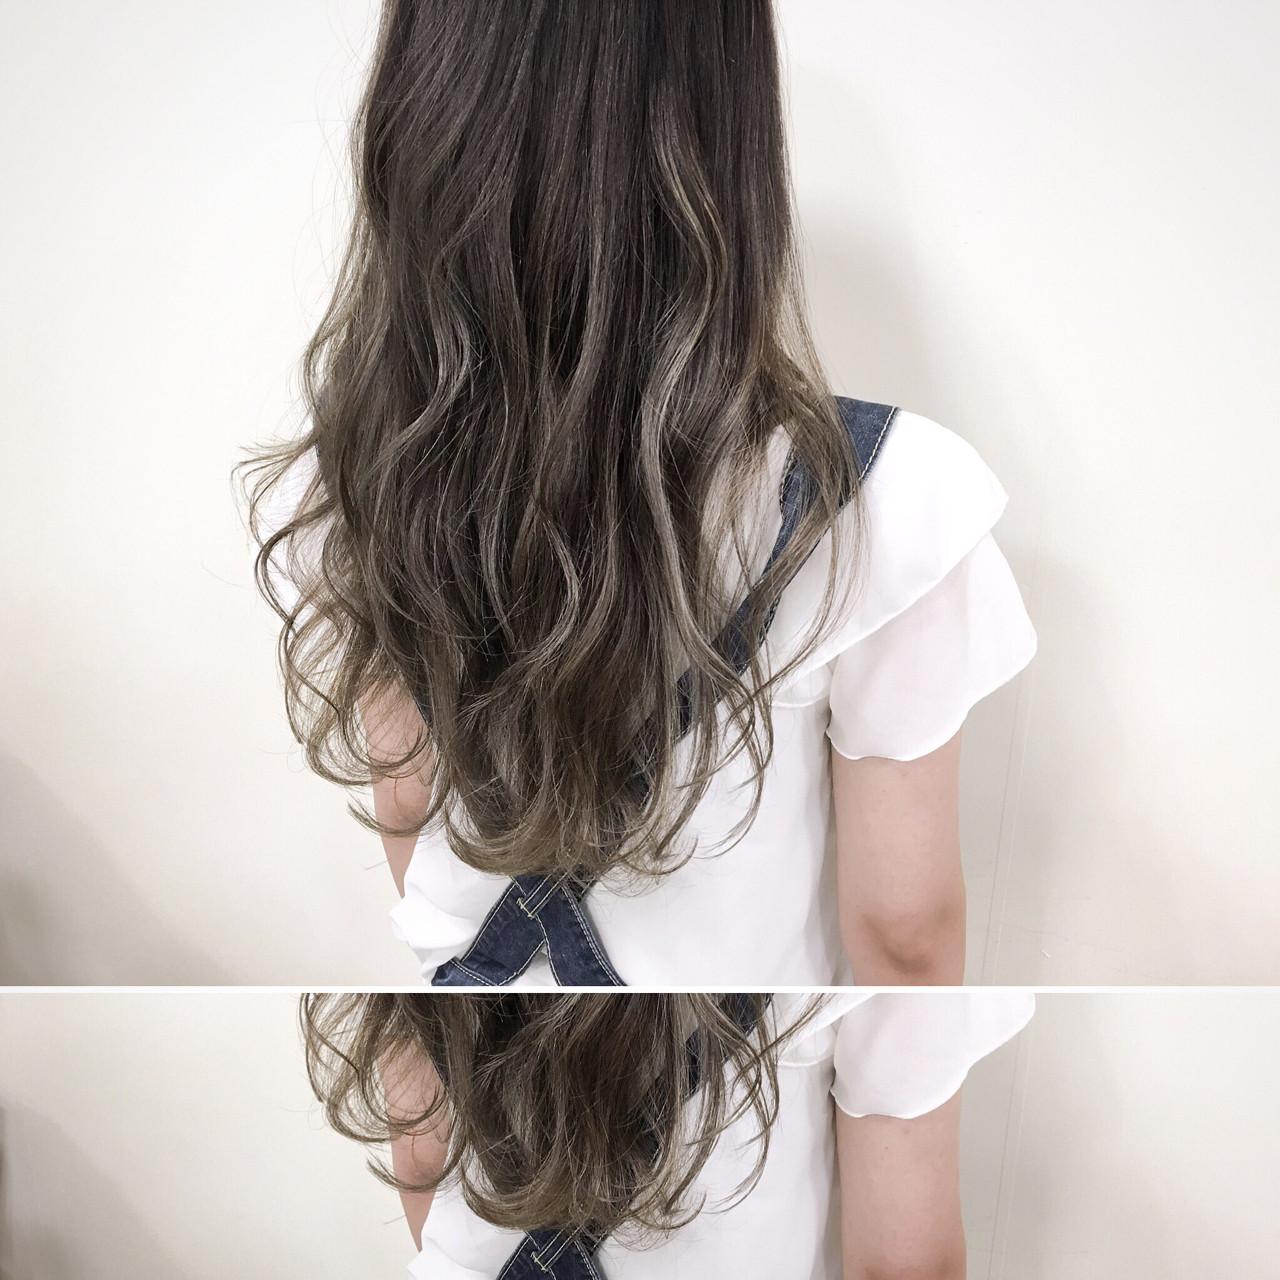 アッシュグレージュ 暗髪 ナチュラル ハイライト ヘアスタイルや髪型の写真・画像 | 新垣修平 / CARE shinsaibashi